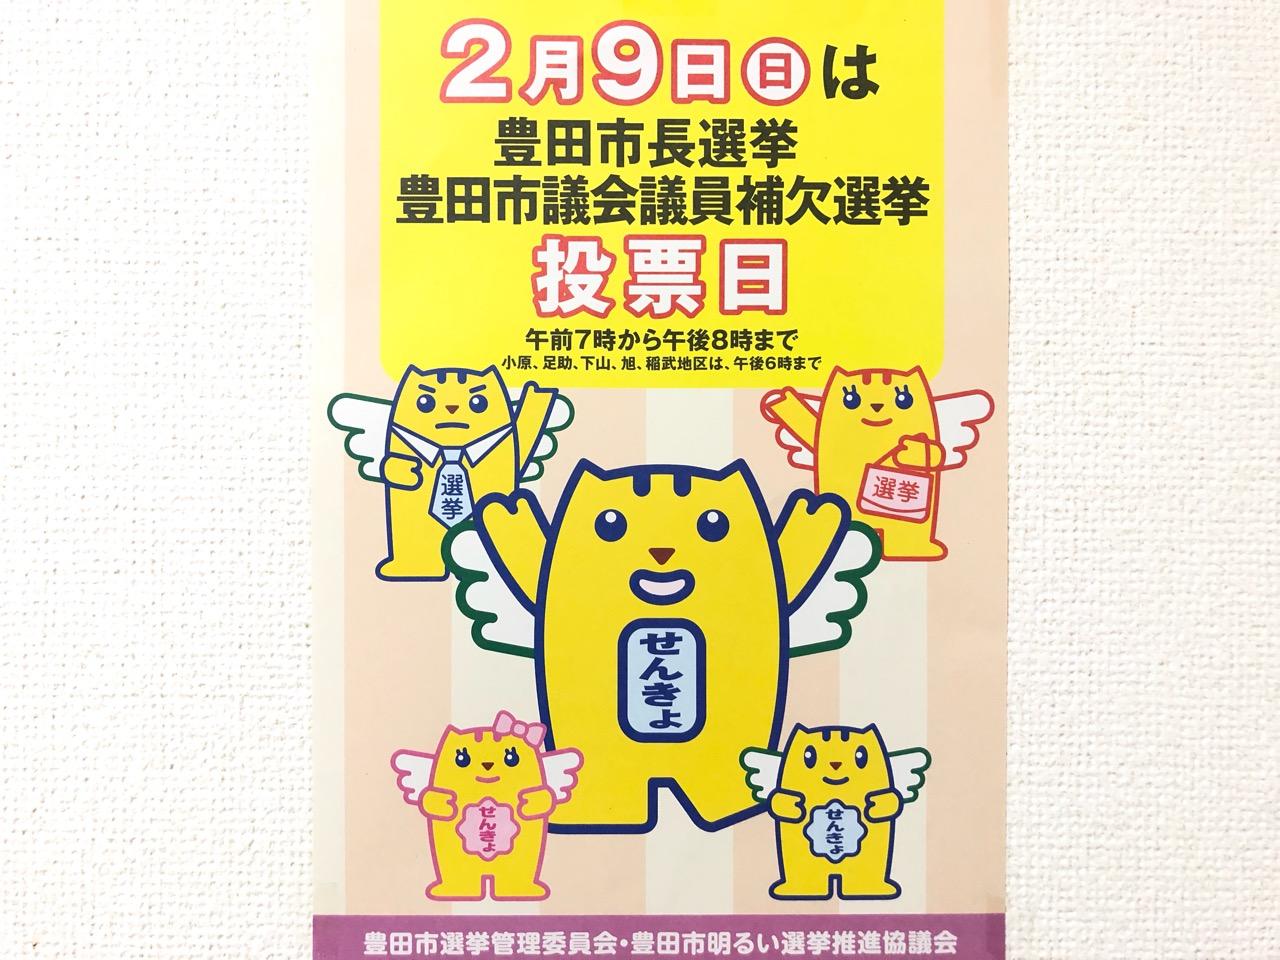 2月9日に実施される豊田市町選挙